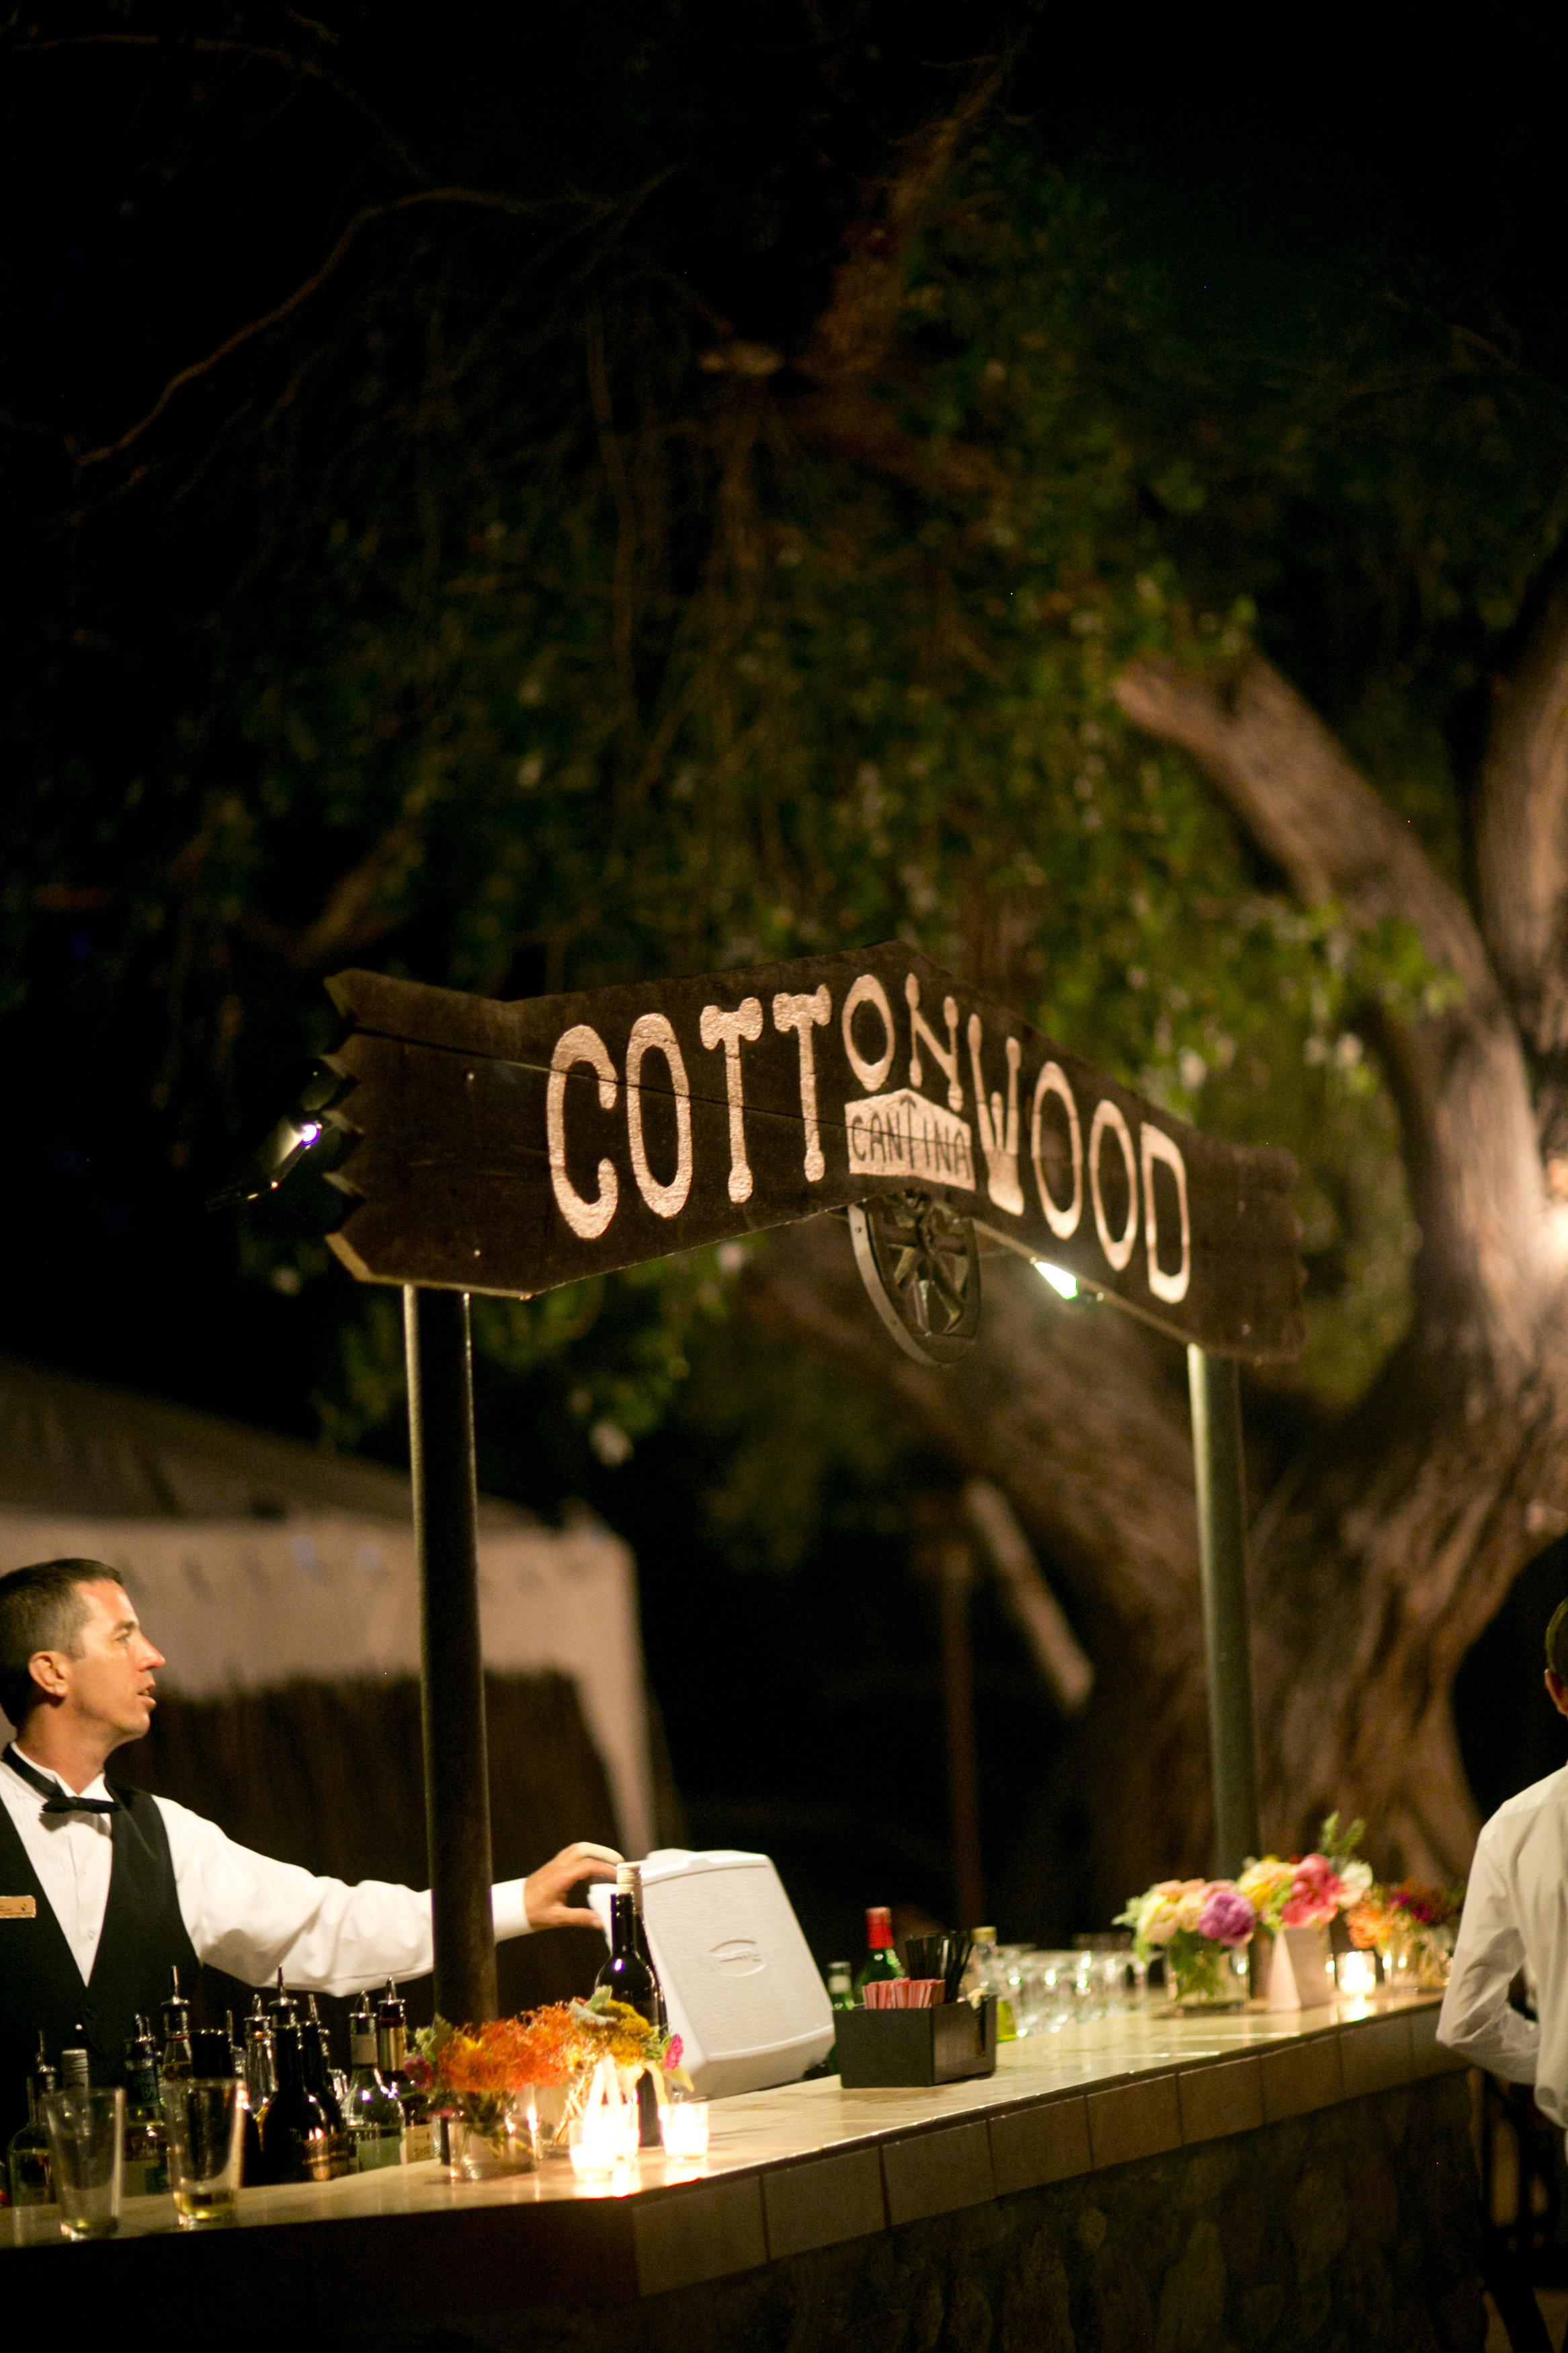 Ceci_New_York_Ceci_Style_Ceci_Johnson_Luxury_Lifestyle_Arizona_Wedding_Watercolor_Inspiration_Design_Custom_Couture_Personalized_Invitations_184.jpg